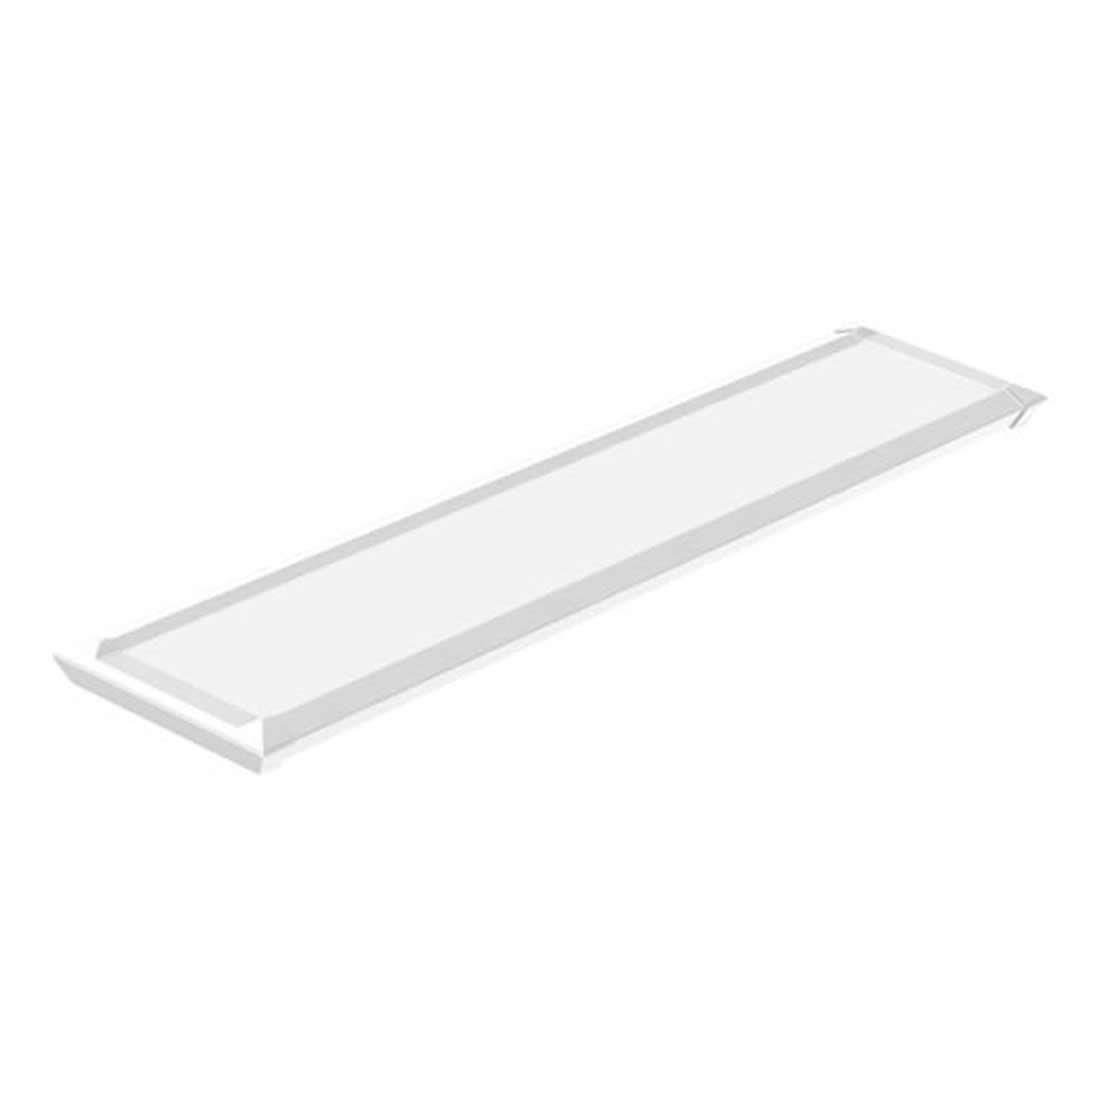 Luminária de Led Taschibra 20W TL Slim 10 Sobrepor 6500K